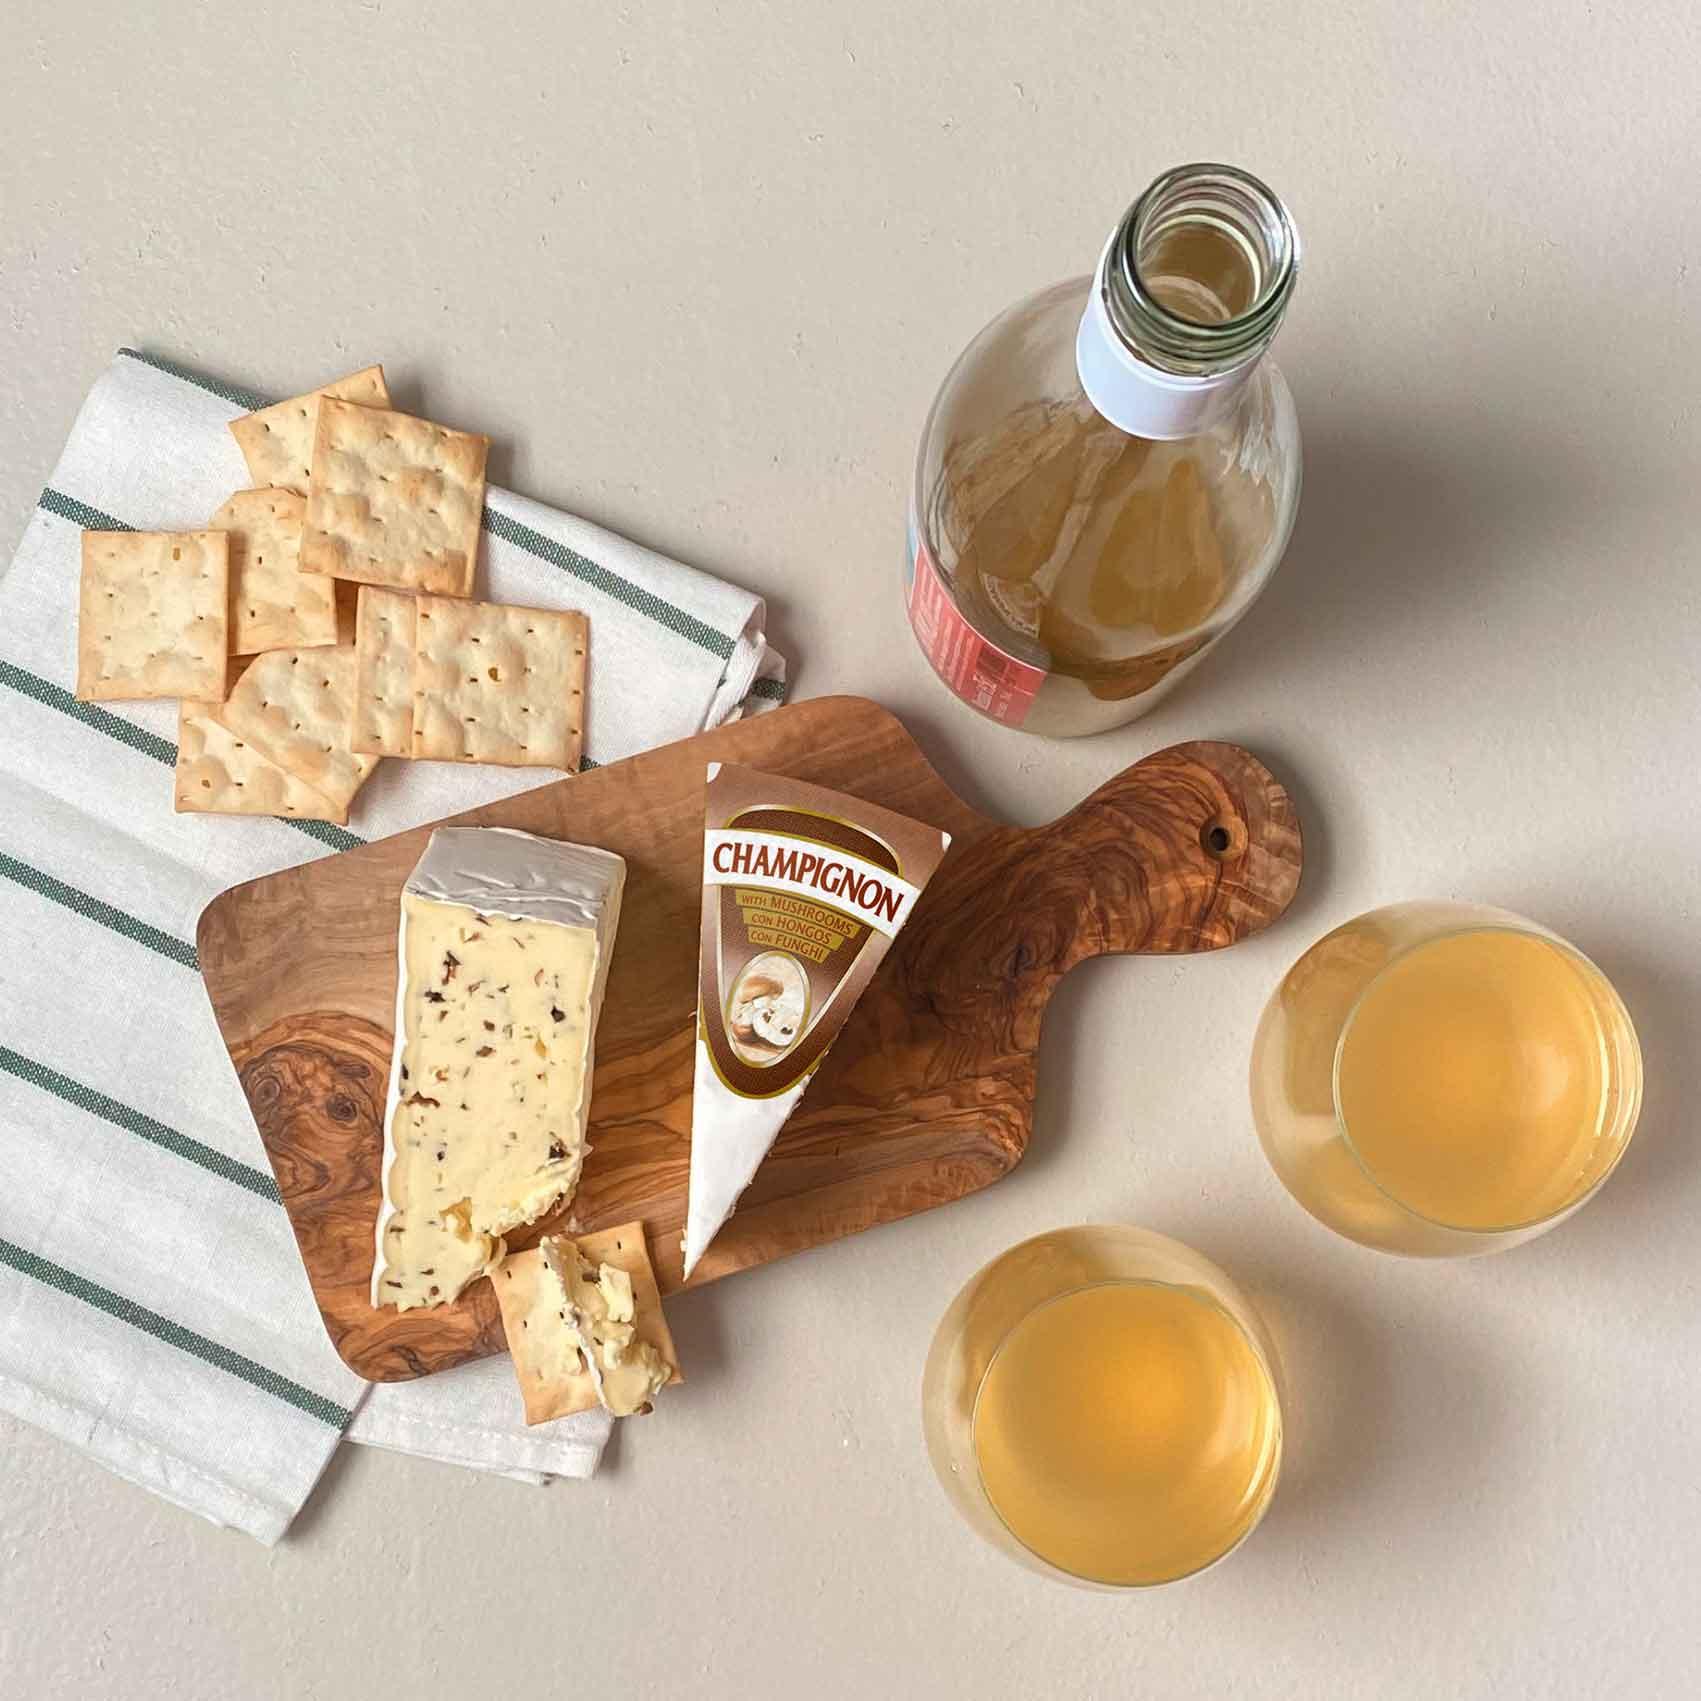 ישרקו-גבינת-עובש-עם-פטריות-שמפניון-המחיר-19.50-שח-ל-100-אופנה